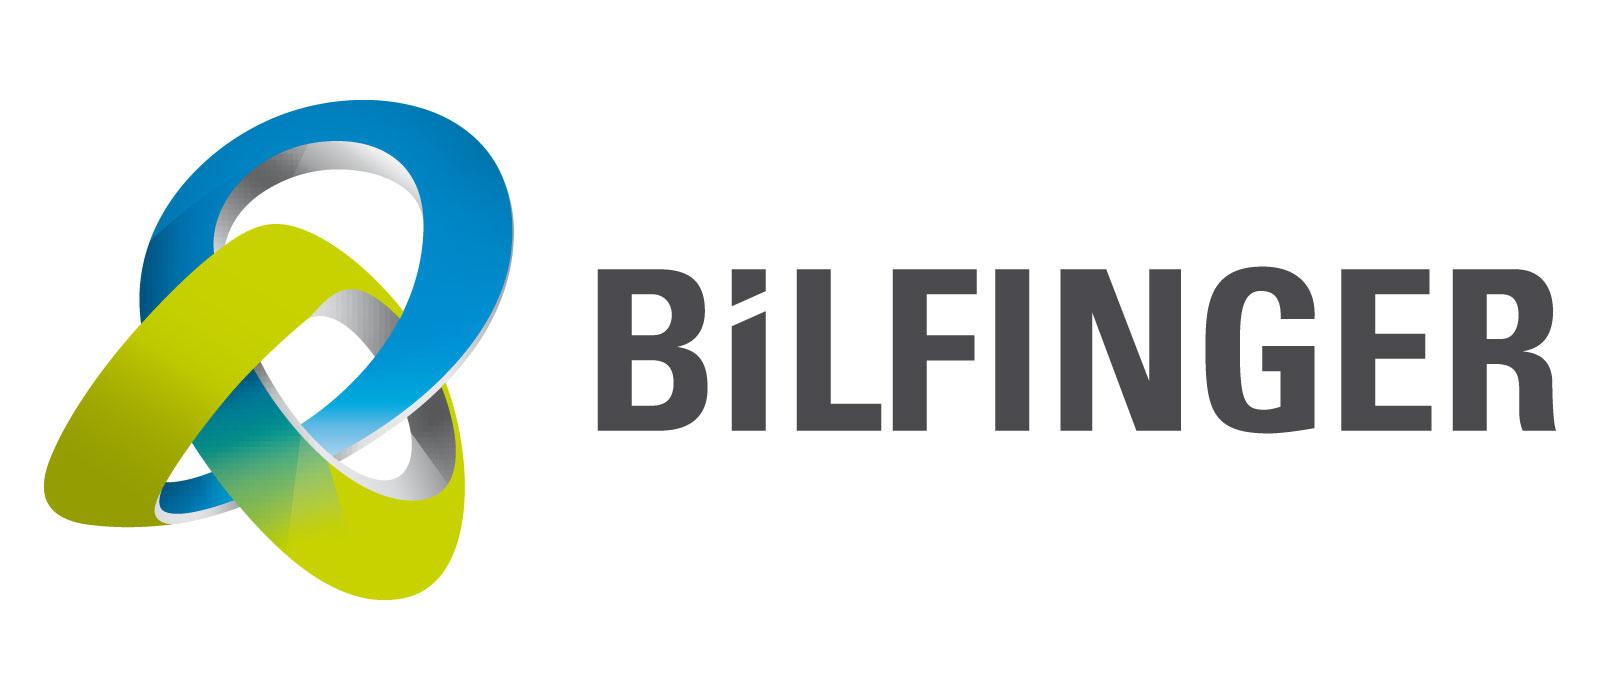 Bilfinger 2012